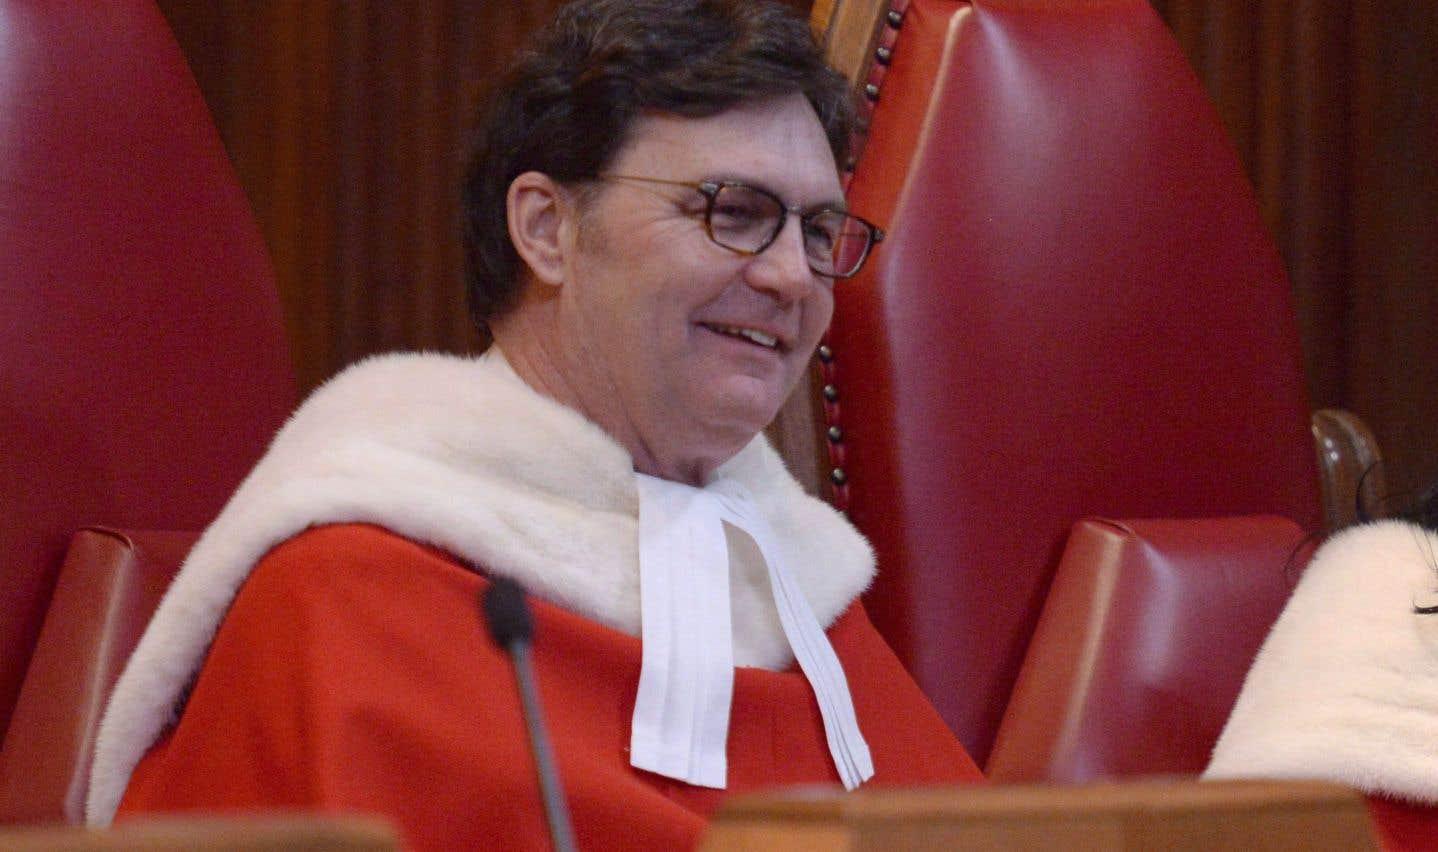 Richard Wagner nommé juge en chef de la Cour suprême